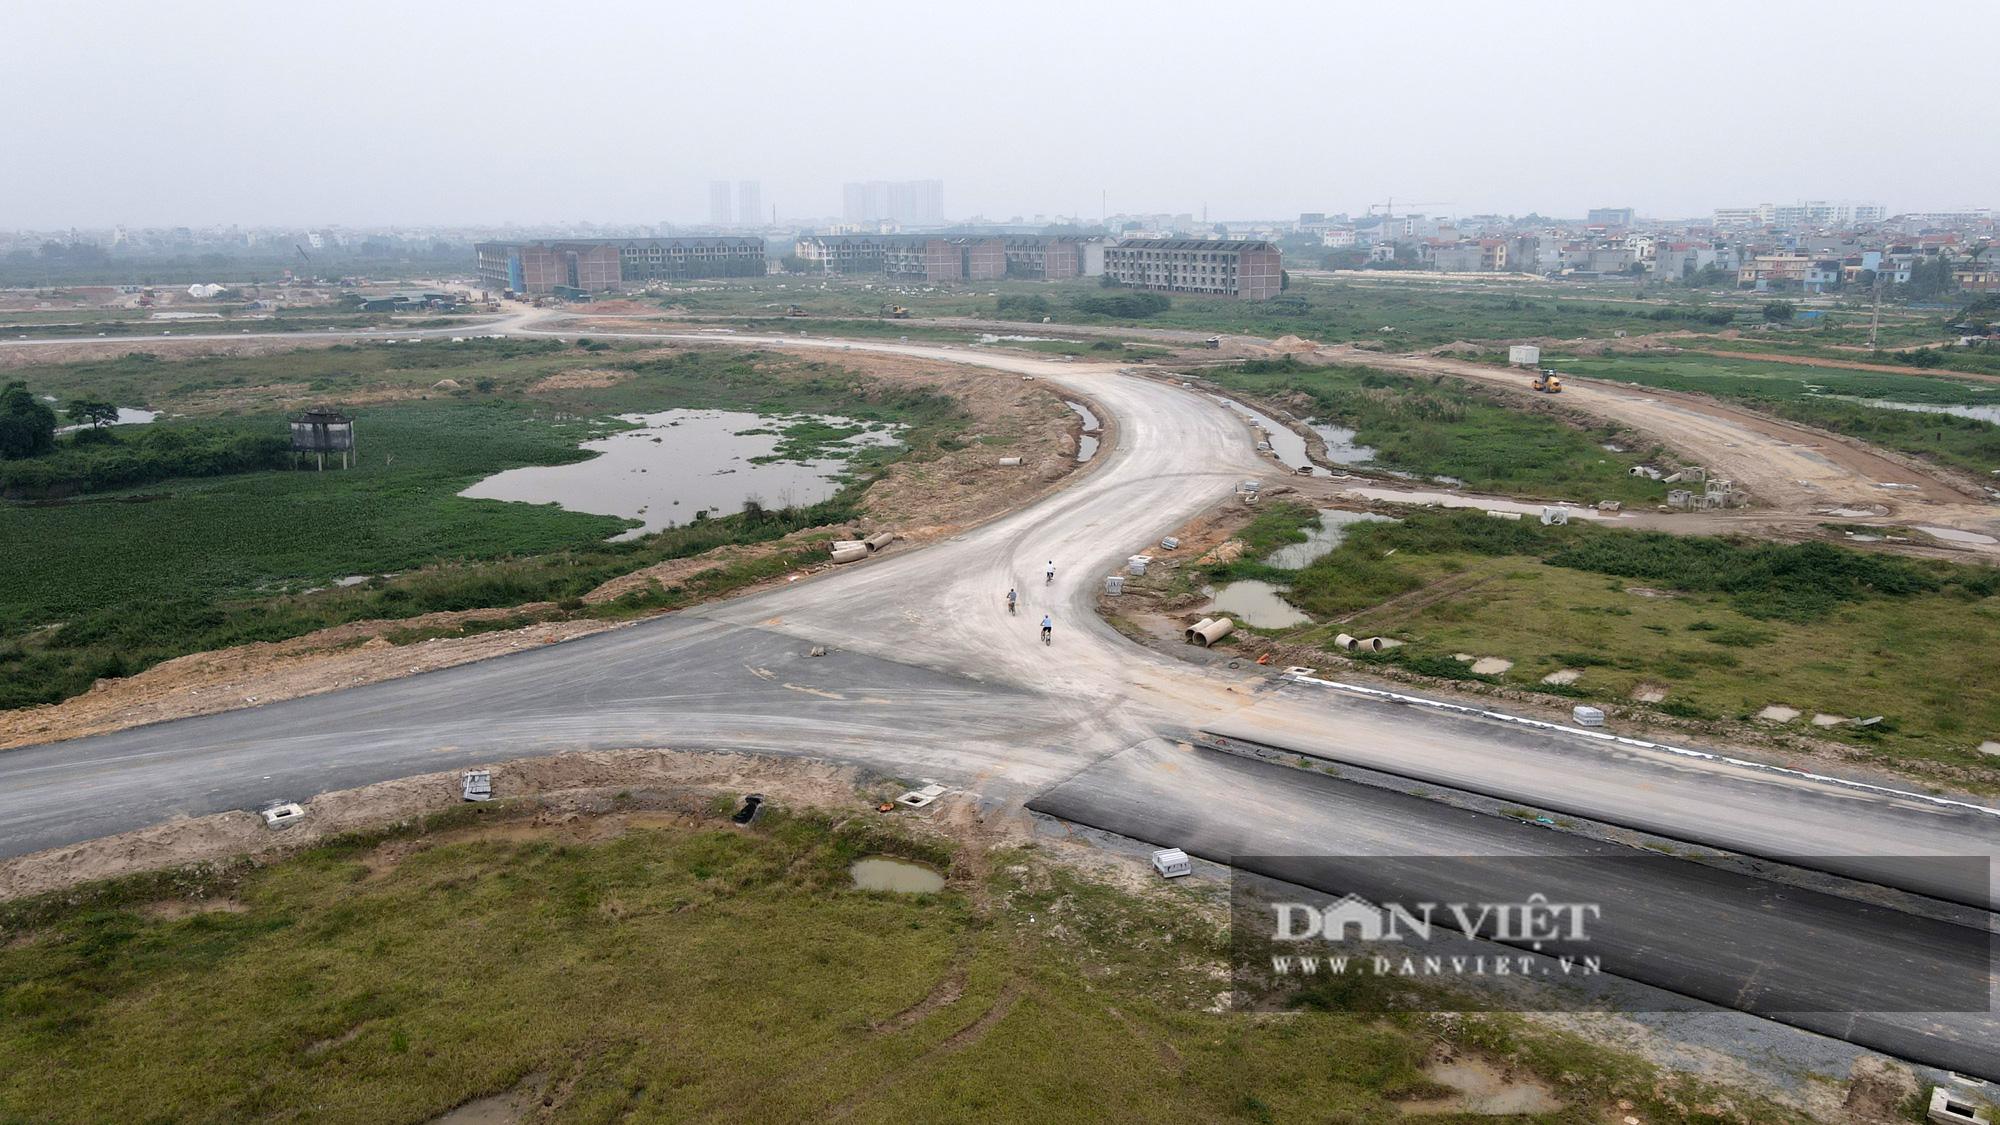 Cận cảnh dự án Kim Chung – Di Trạch ồ ạt rao bán khi nợ thuế, chưa xong hạ tầng - Ảnh 5.